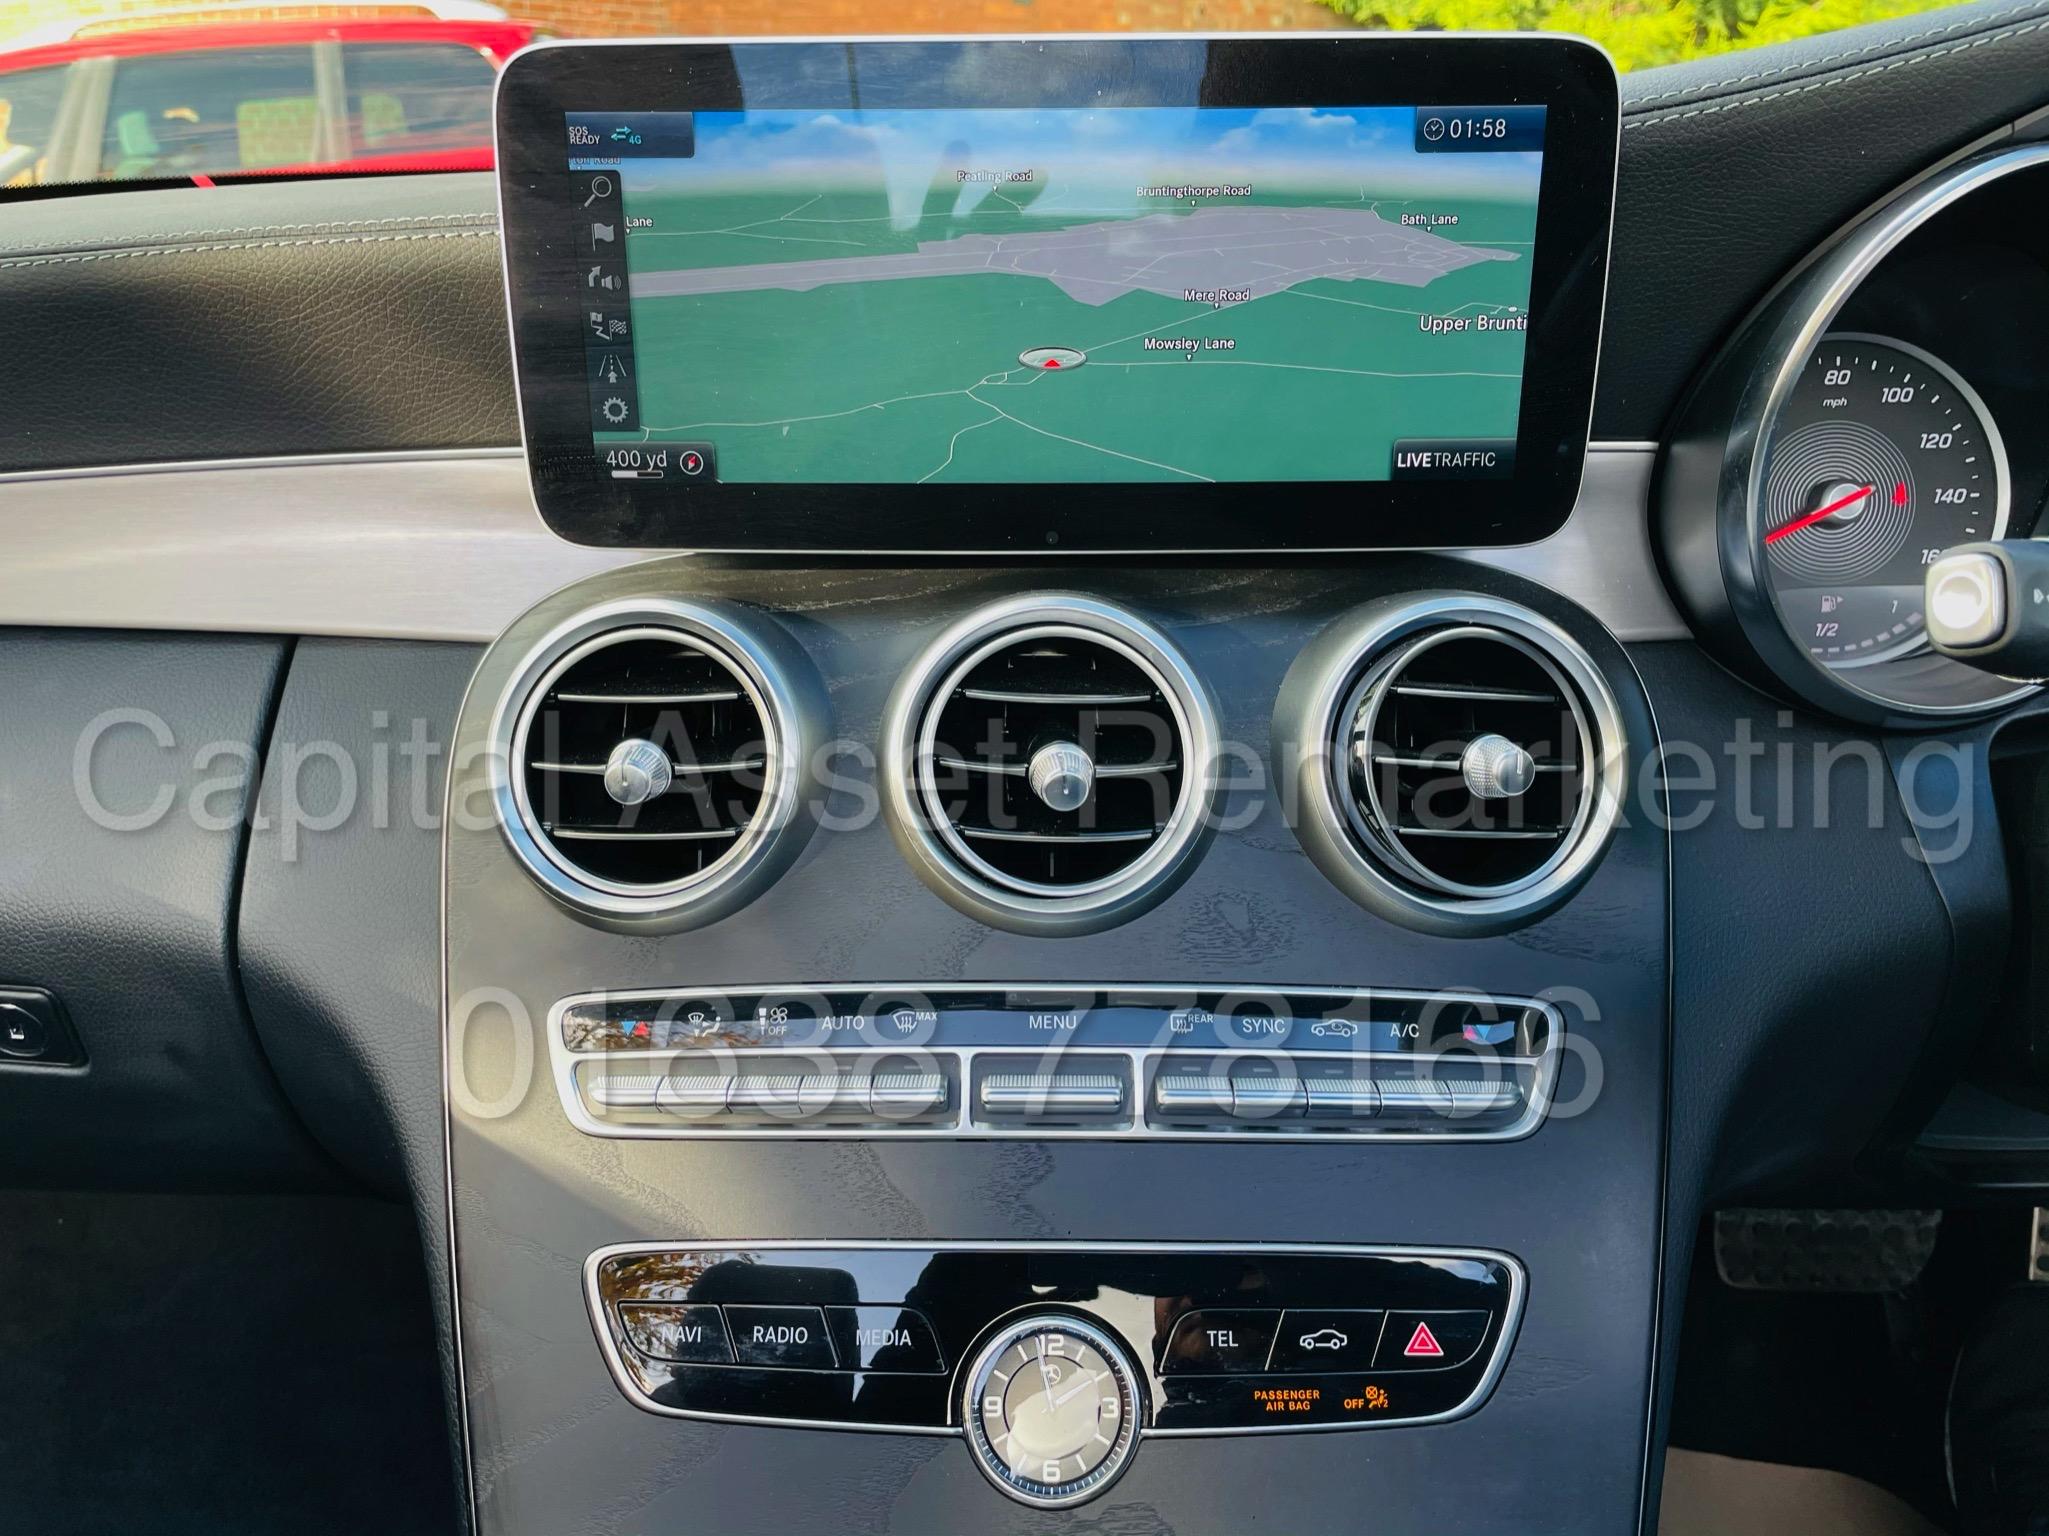 (On Sale) MERCEDES-BENZ C220D *AMG LINE -CABRIOLET* (2019) '9G AUTO - LEATHER - SAT NAV' *HUGE SPEC* - Image 37 of 43